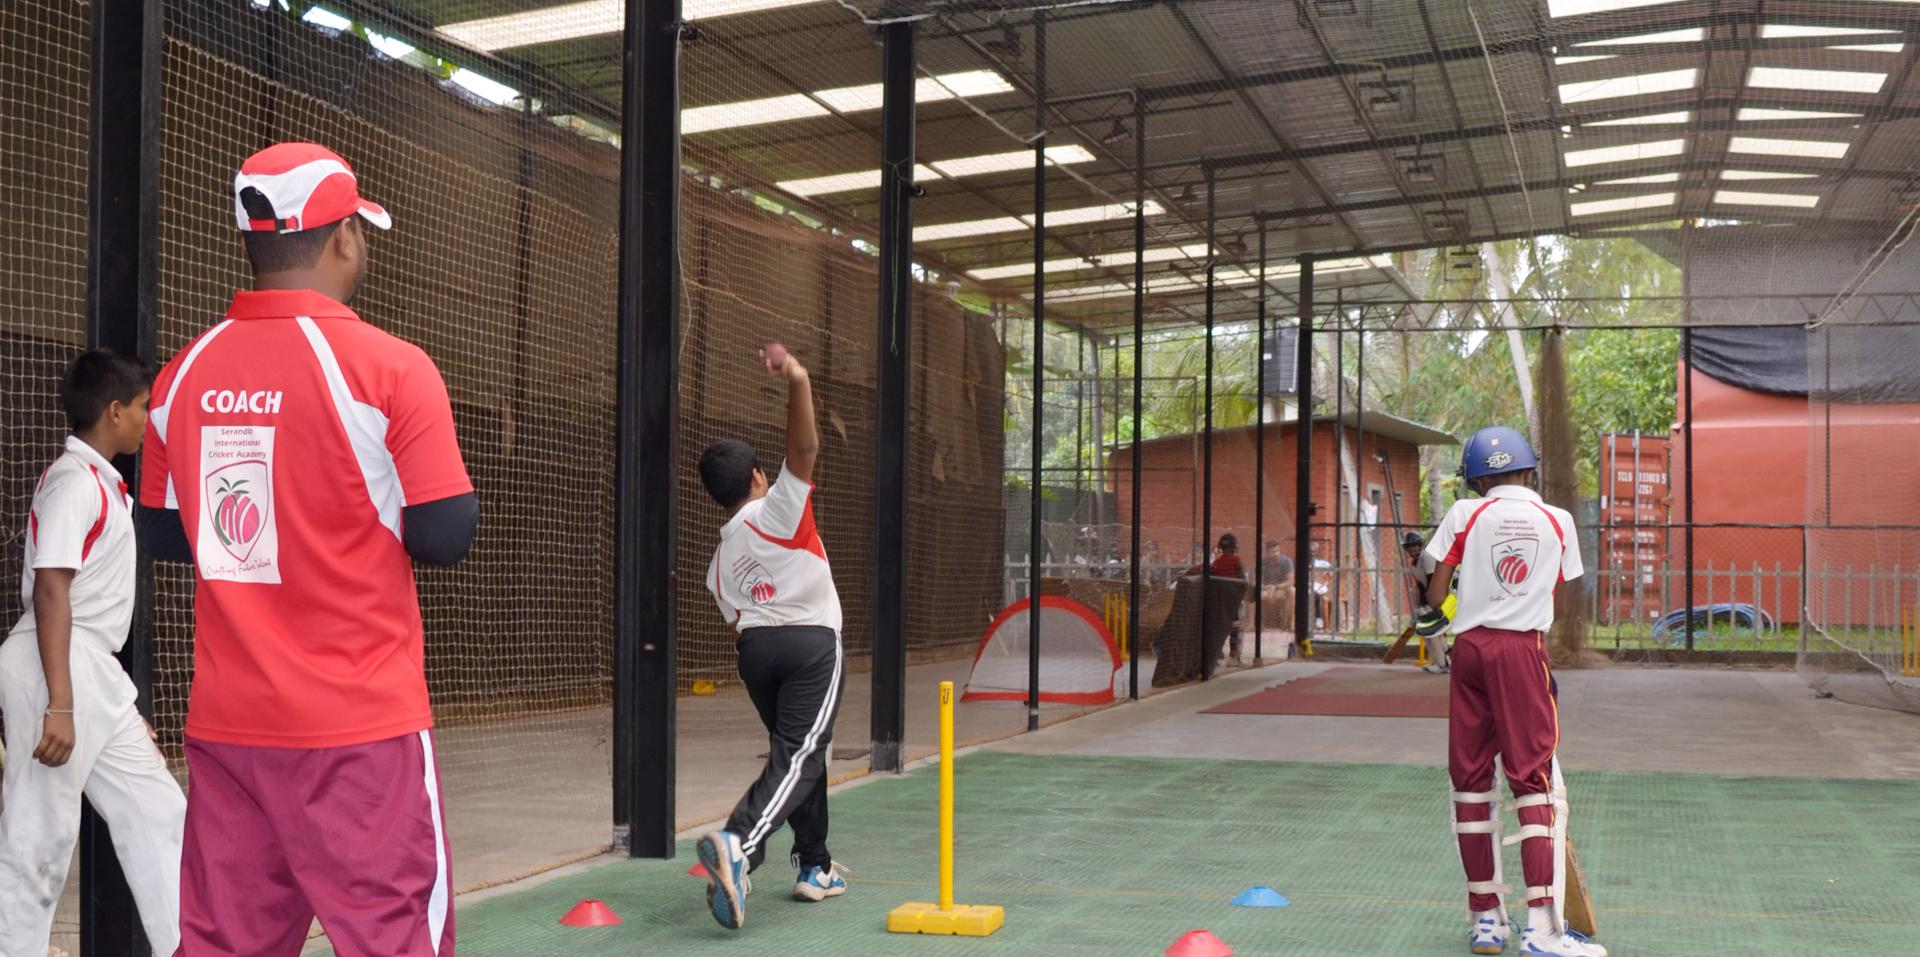 Floodlit Indoor cricket nets